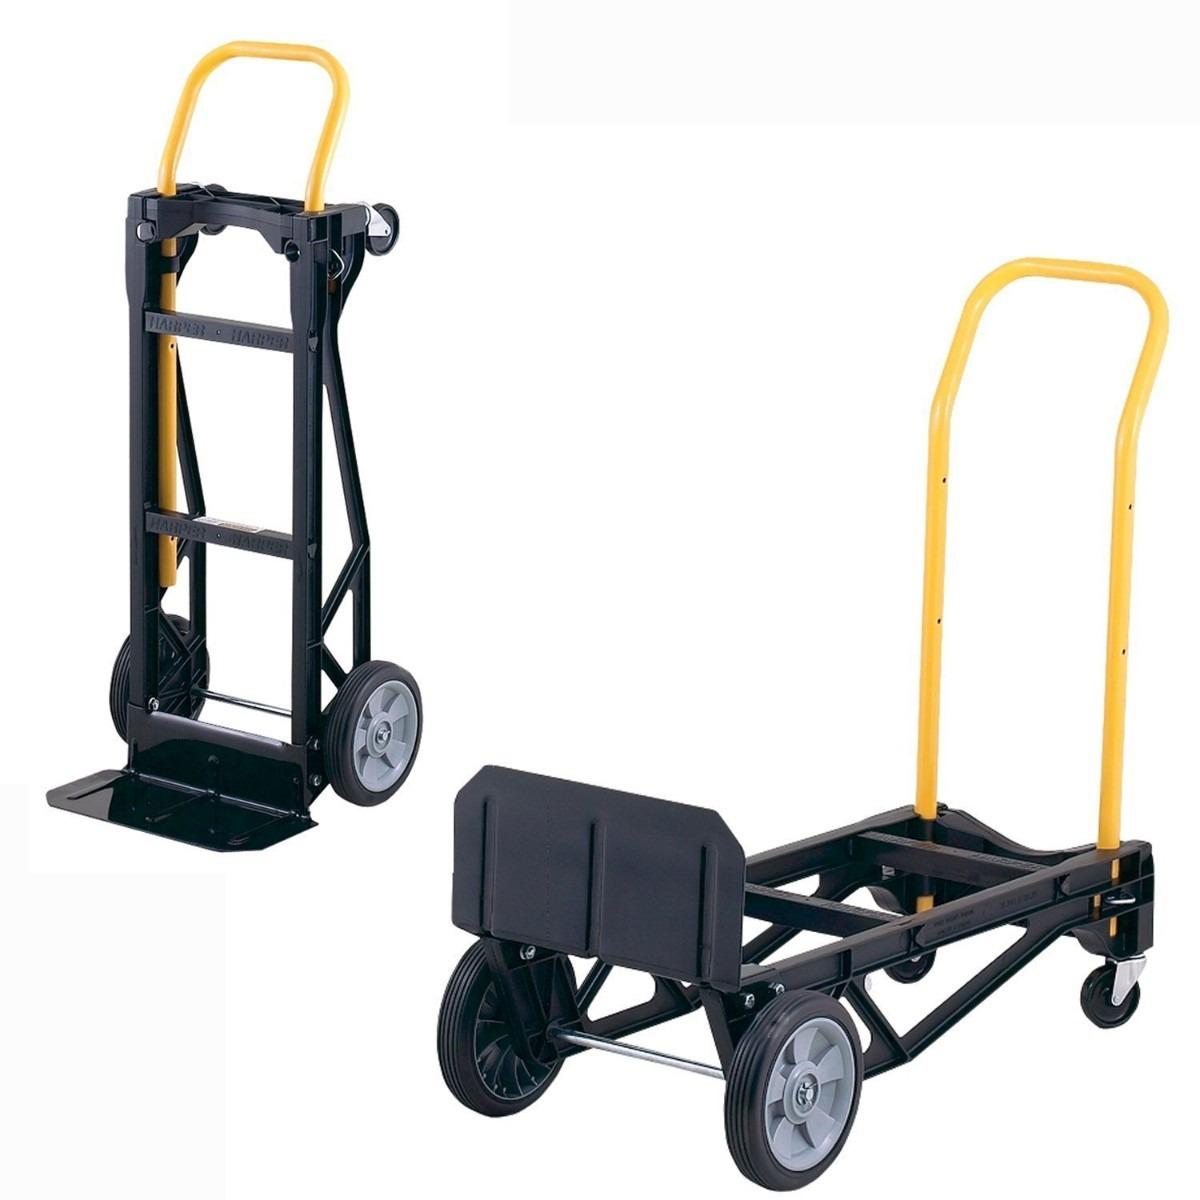 Carrito auxiliar de transporte carretilla diablito hm4 - Carretillas de transporte ...